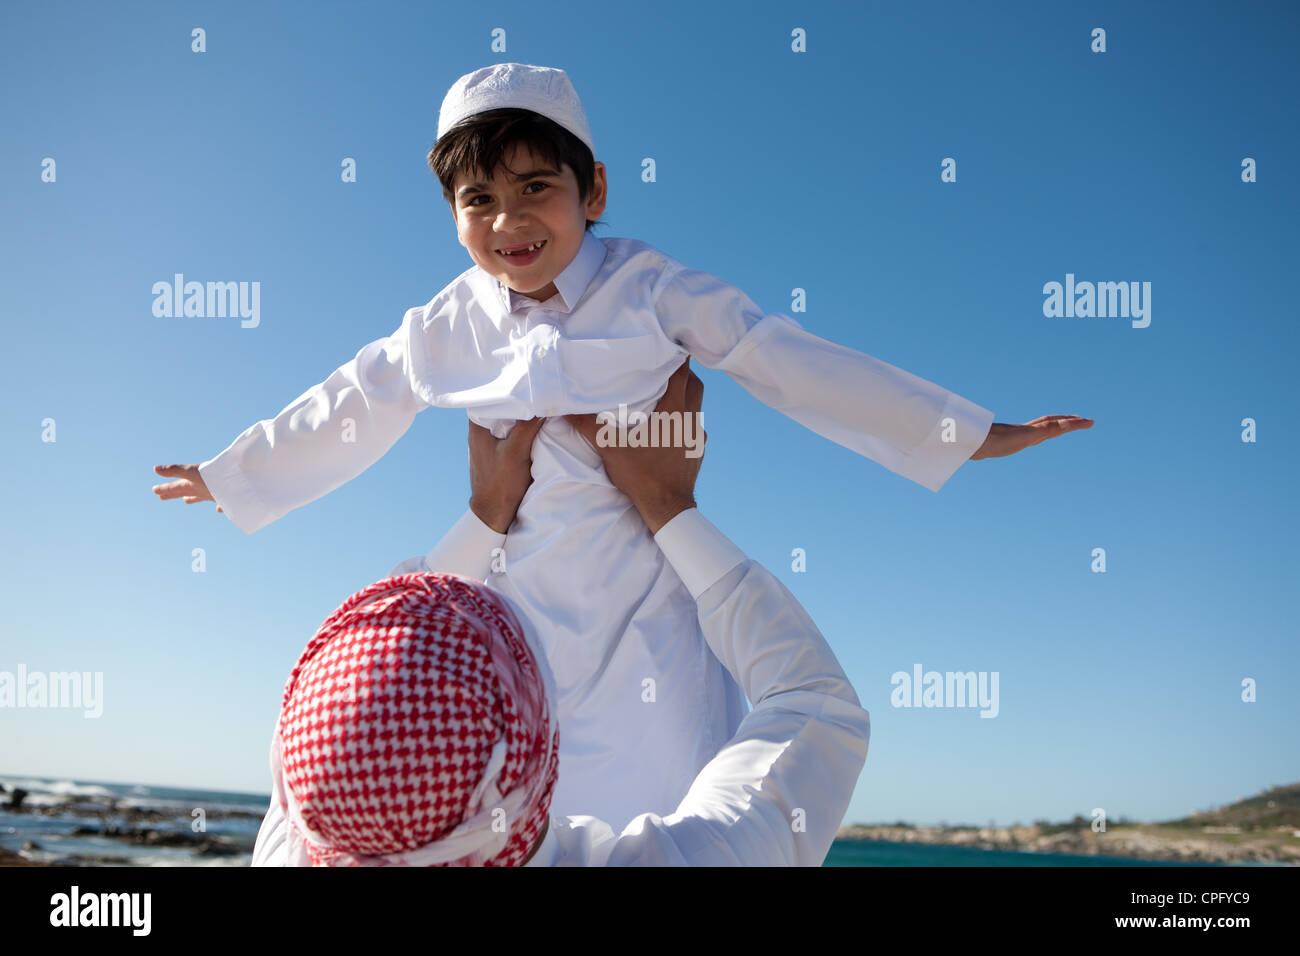 Ritratto di Padre arabo sollevando il suo figlio sulla spiaggia, boy bracci sollevati. Immagini Stock